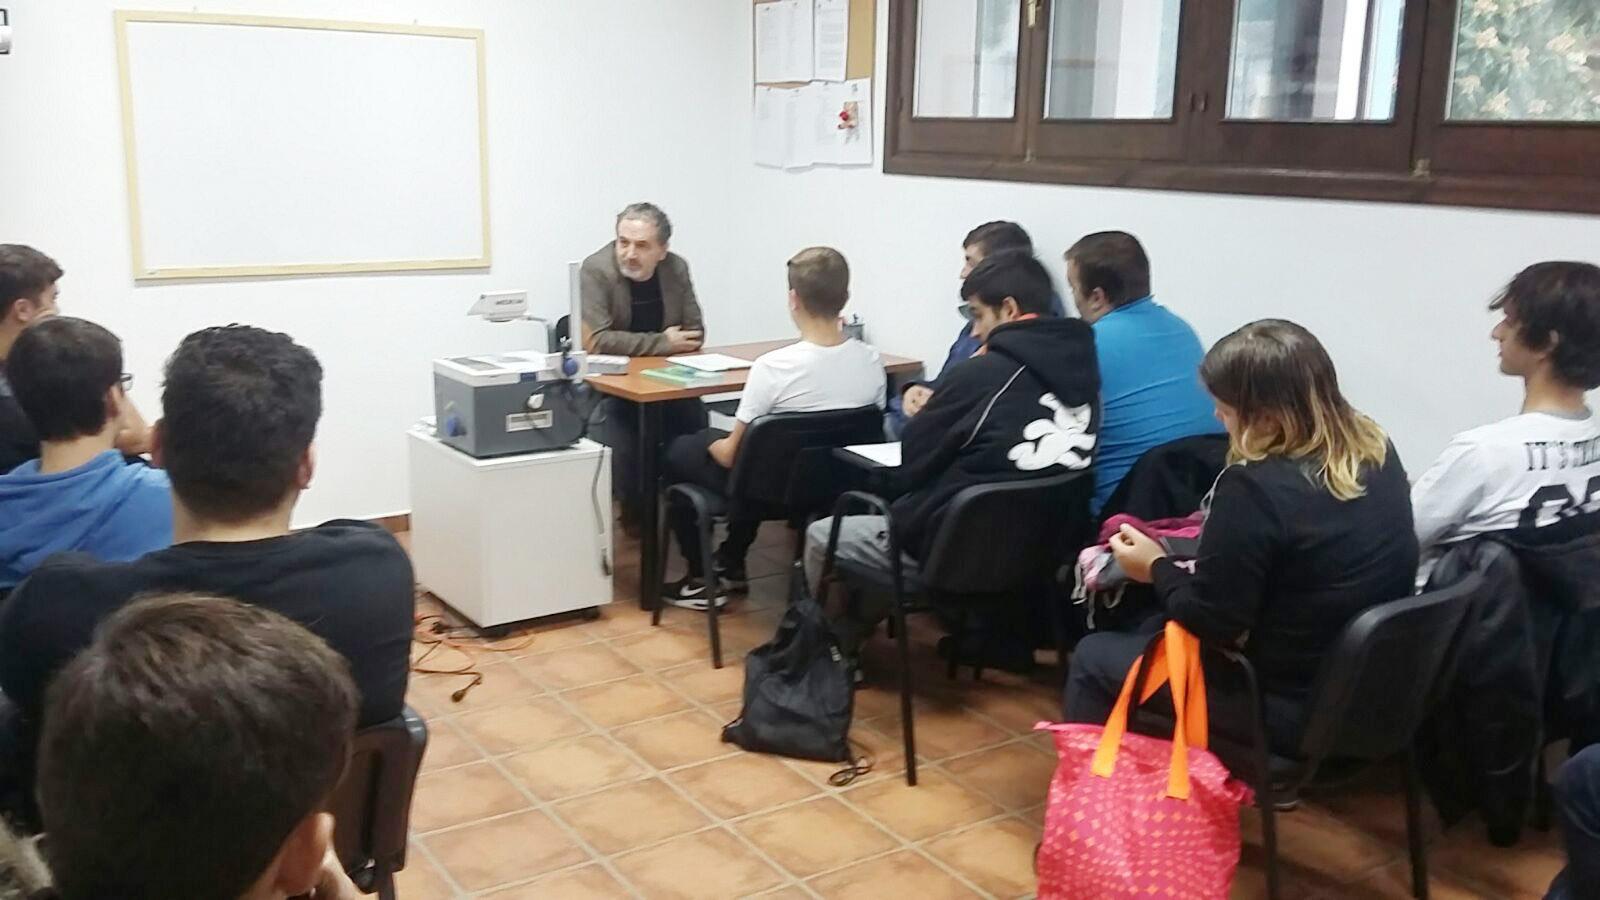 """Los alumnos de Sala recibieron una charla sobre la """"Actitud en el Servicio"""" impartido por Manolo Espada responsable del Restaurante La Escalera de Manolo Espada"""